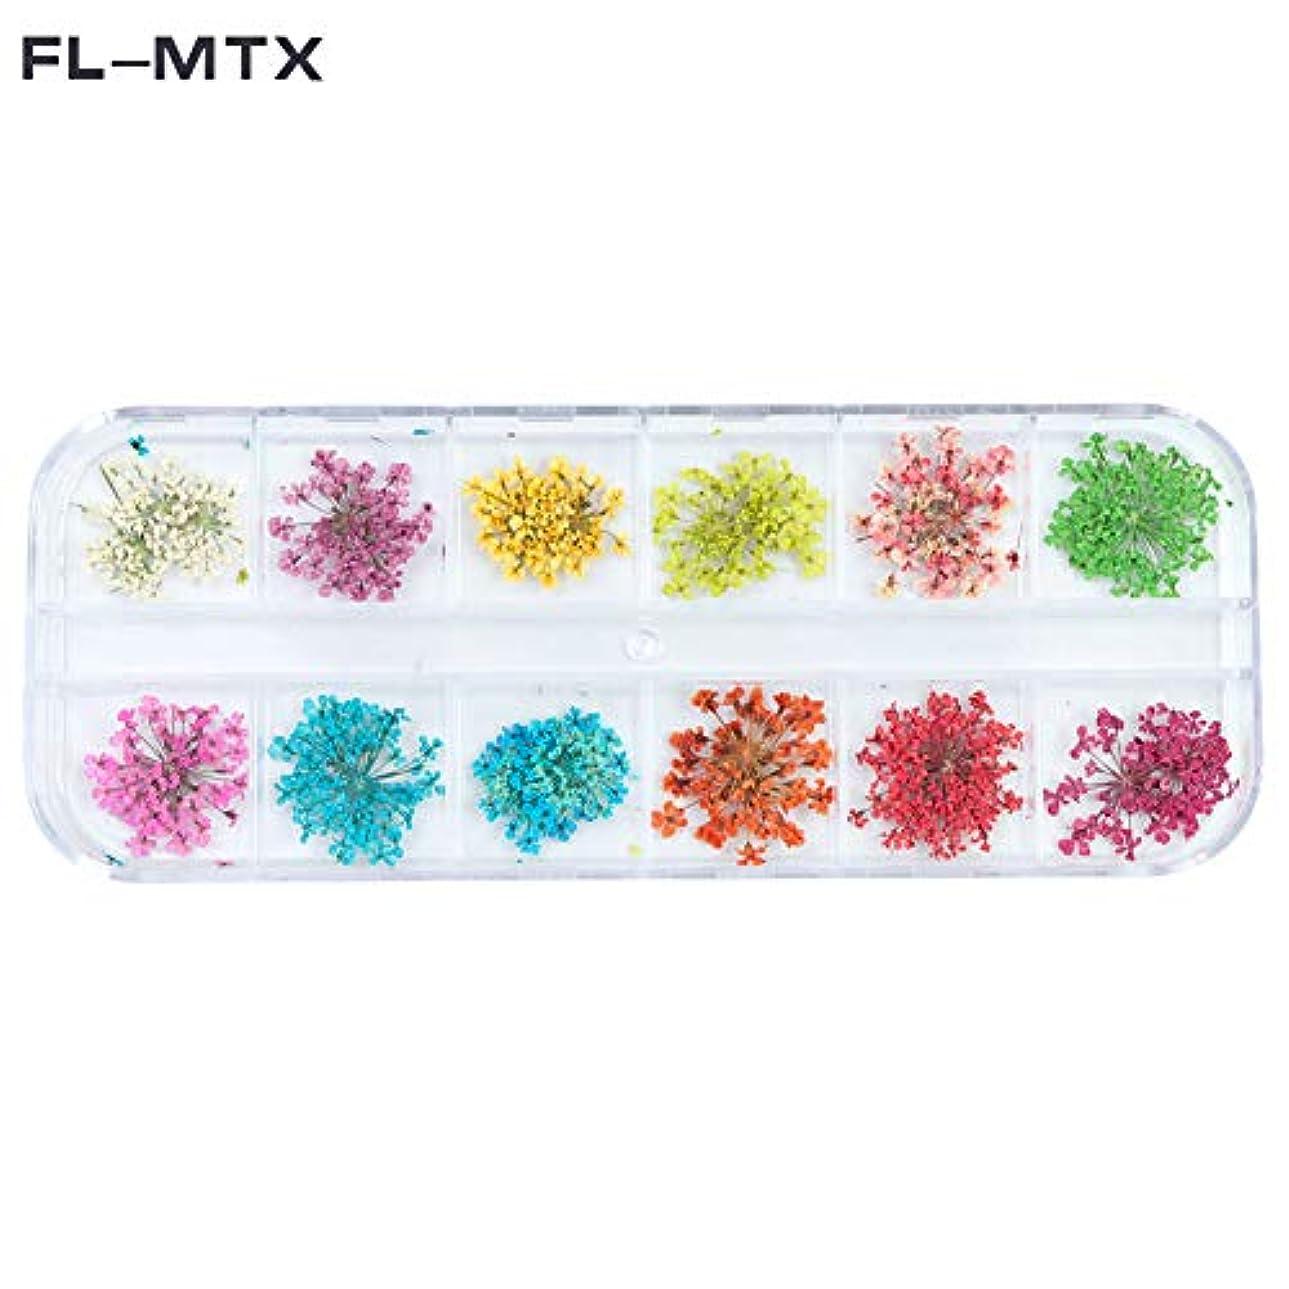 電気陽性三十口ひげ1パックのネイルジュエリードライフラワーdiyクラフト(fl-mtx)の3dフラワーネイル装飾用ドライネイル用品の12色違い